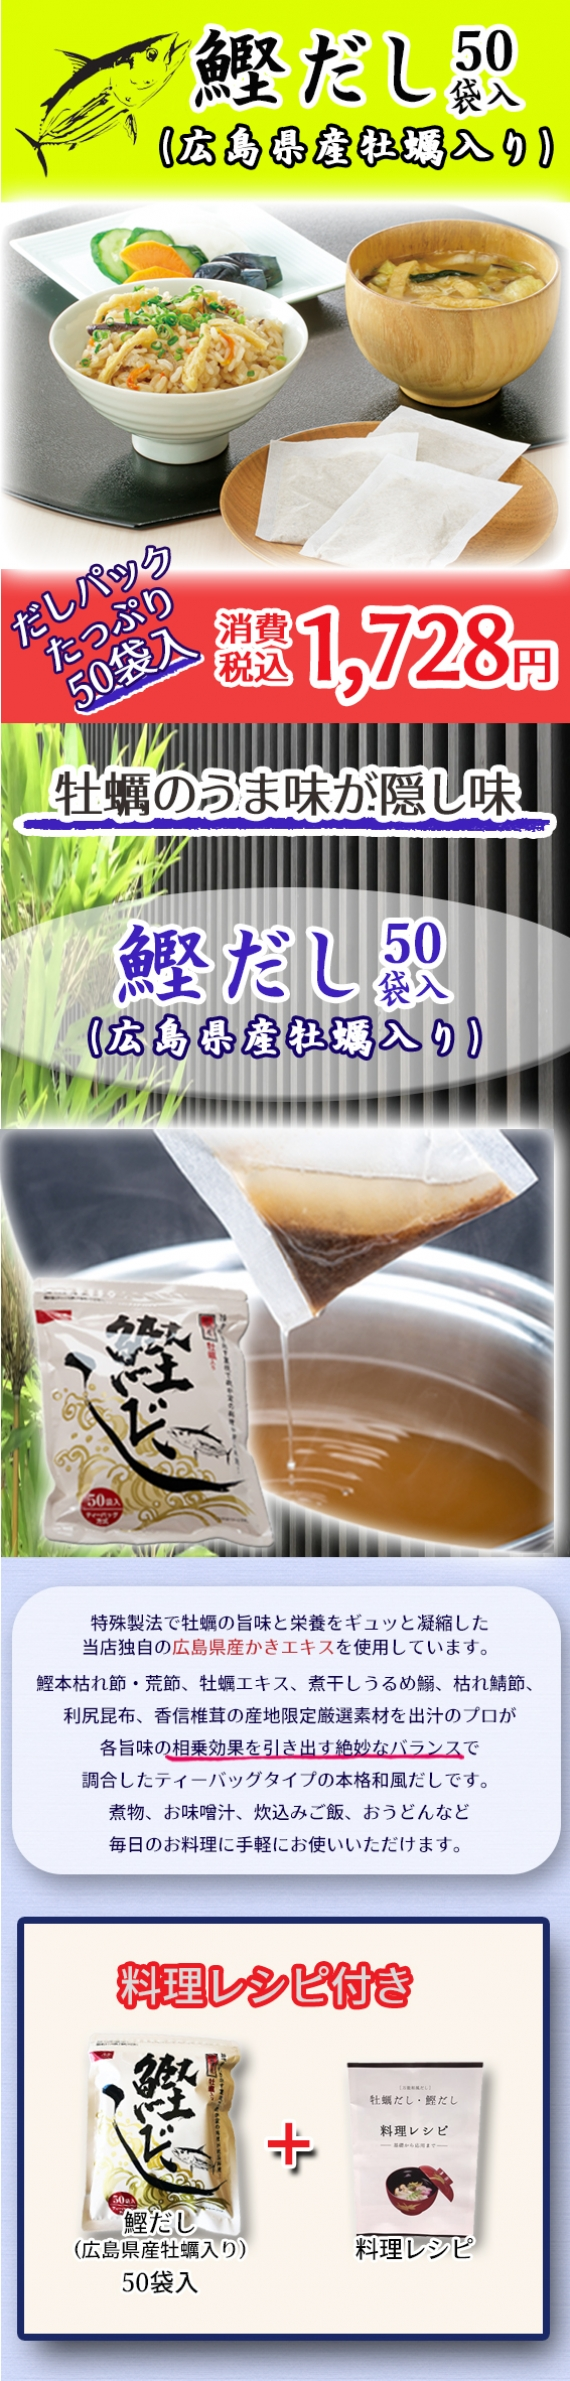 ティーバッグタイプの本格和風合わせ出汁【廣屋】鰹だし(広島県産牡蠣入り)50袋入